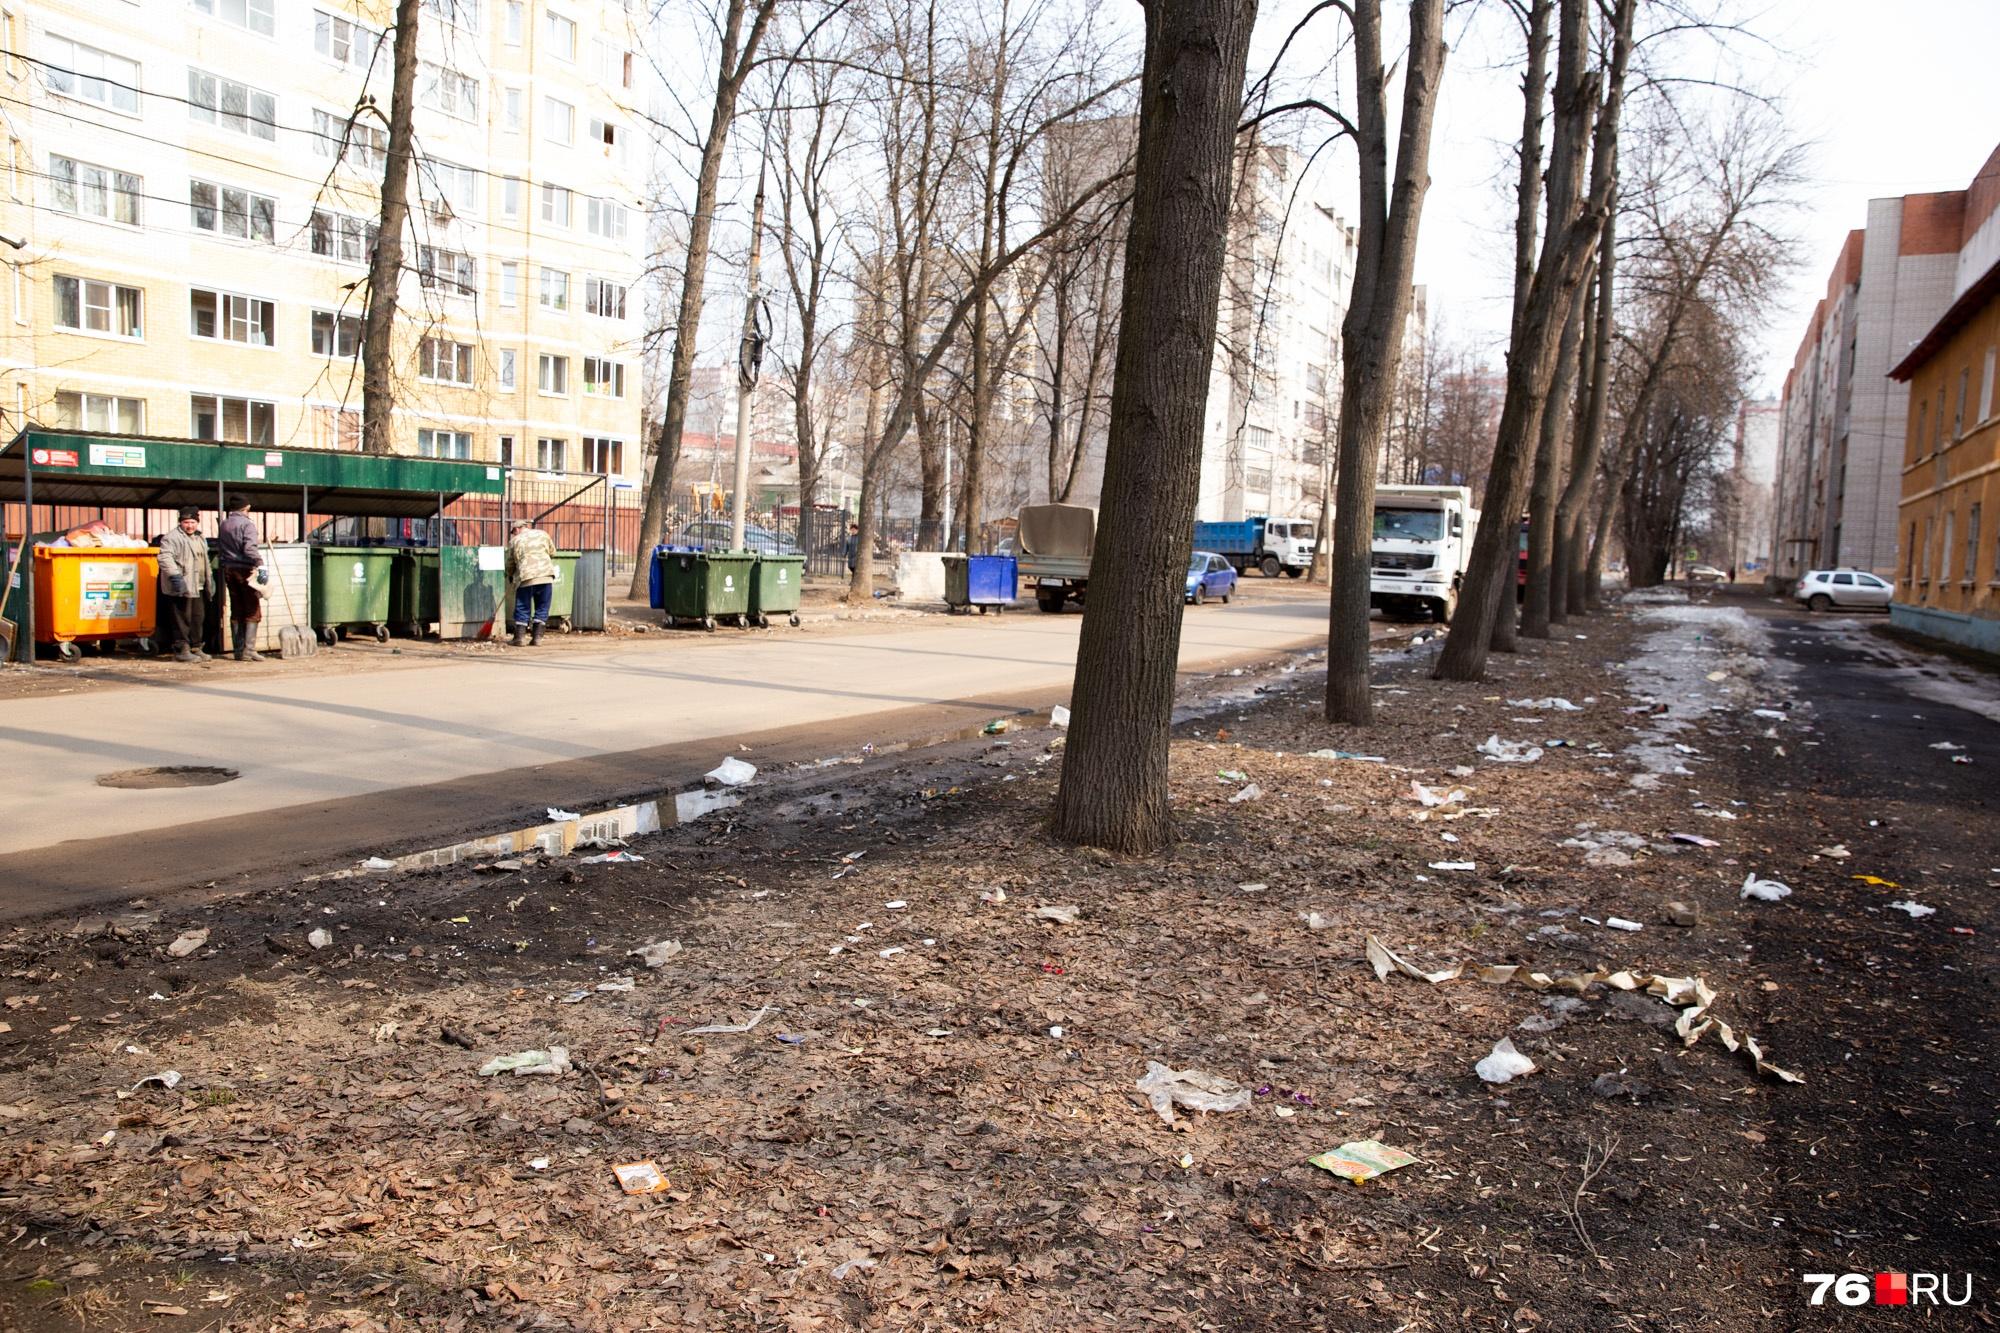 К некоторым площадкам уже пришли люди прибираться, но ветром мусор уже разнесло по всему району